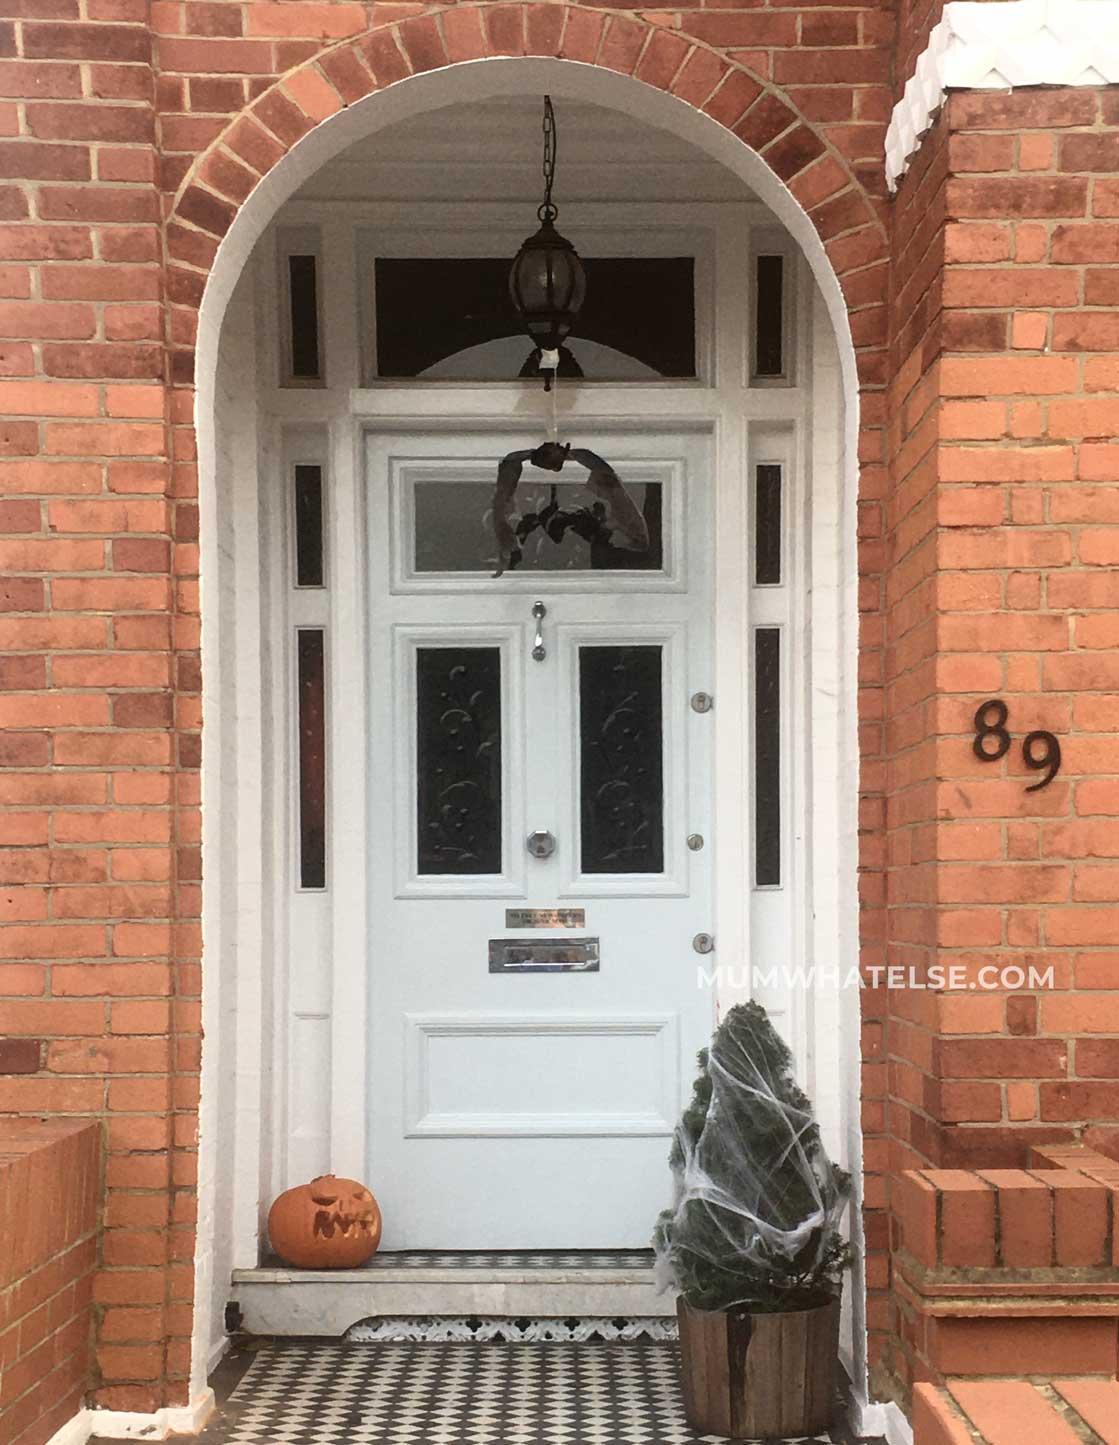 white door with a bat hanges